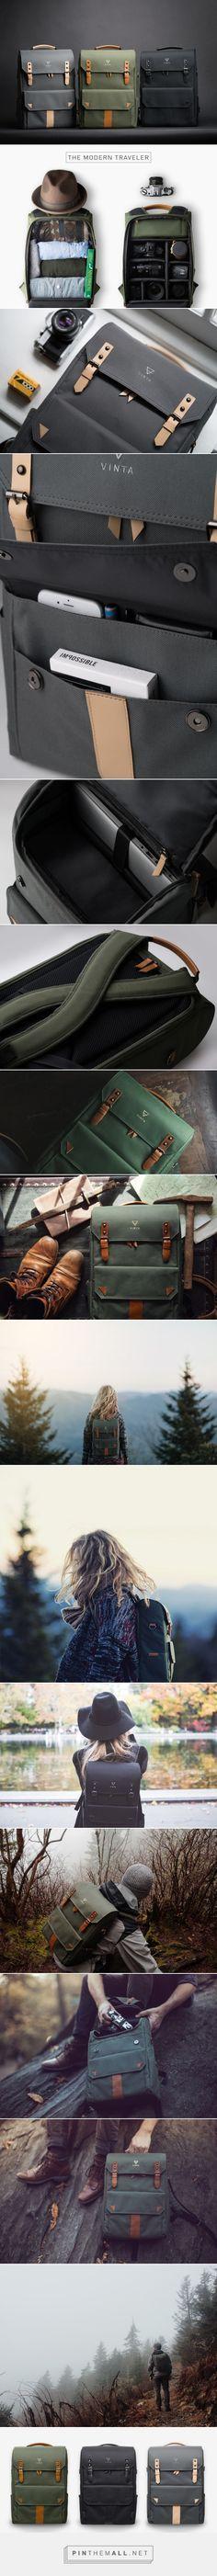 A Travel & Camera Bag for Everyday Adventures - Design Milk